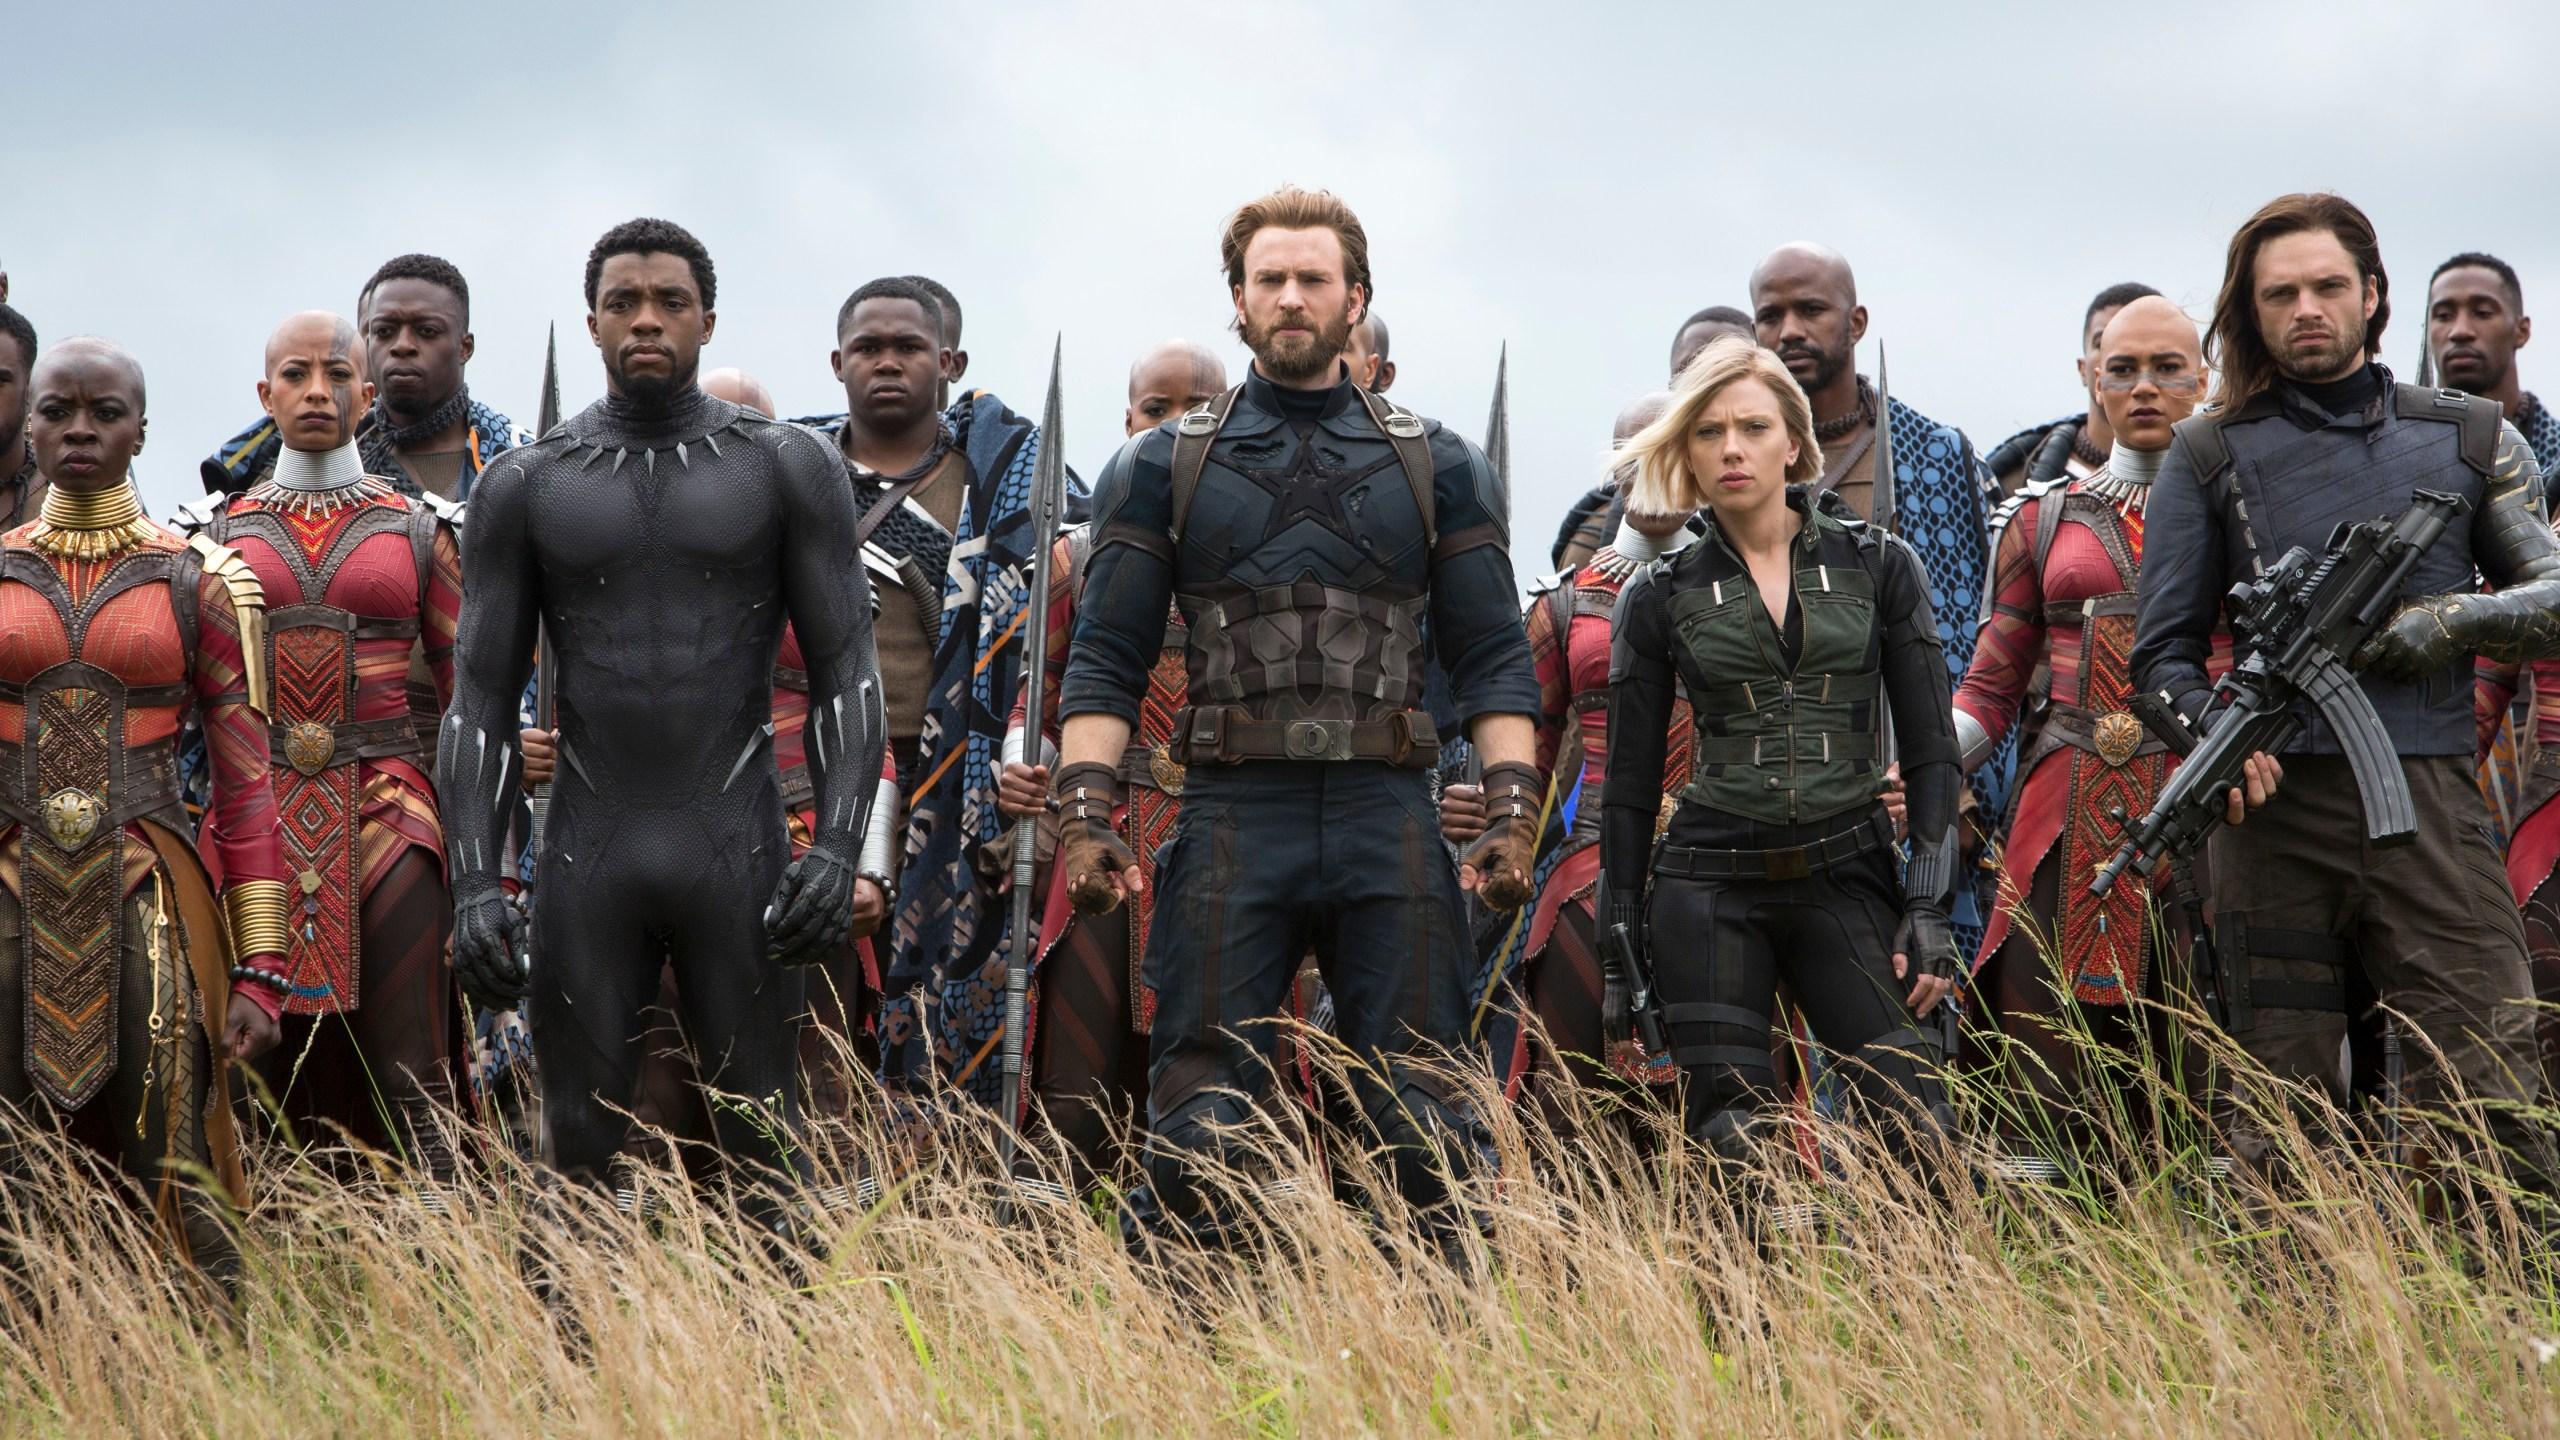 Film_Avengers_Infinity_Wars_10830-159532.jpg72095187